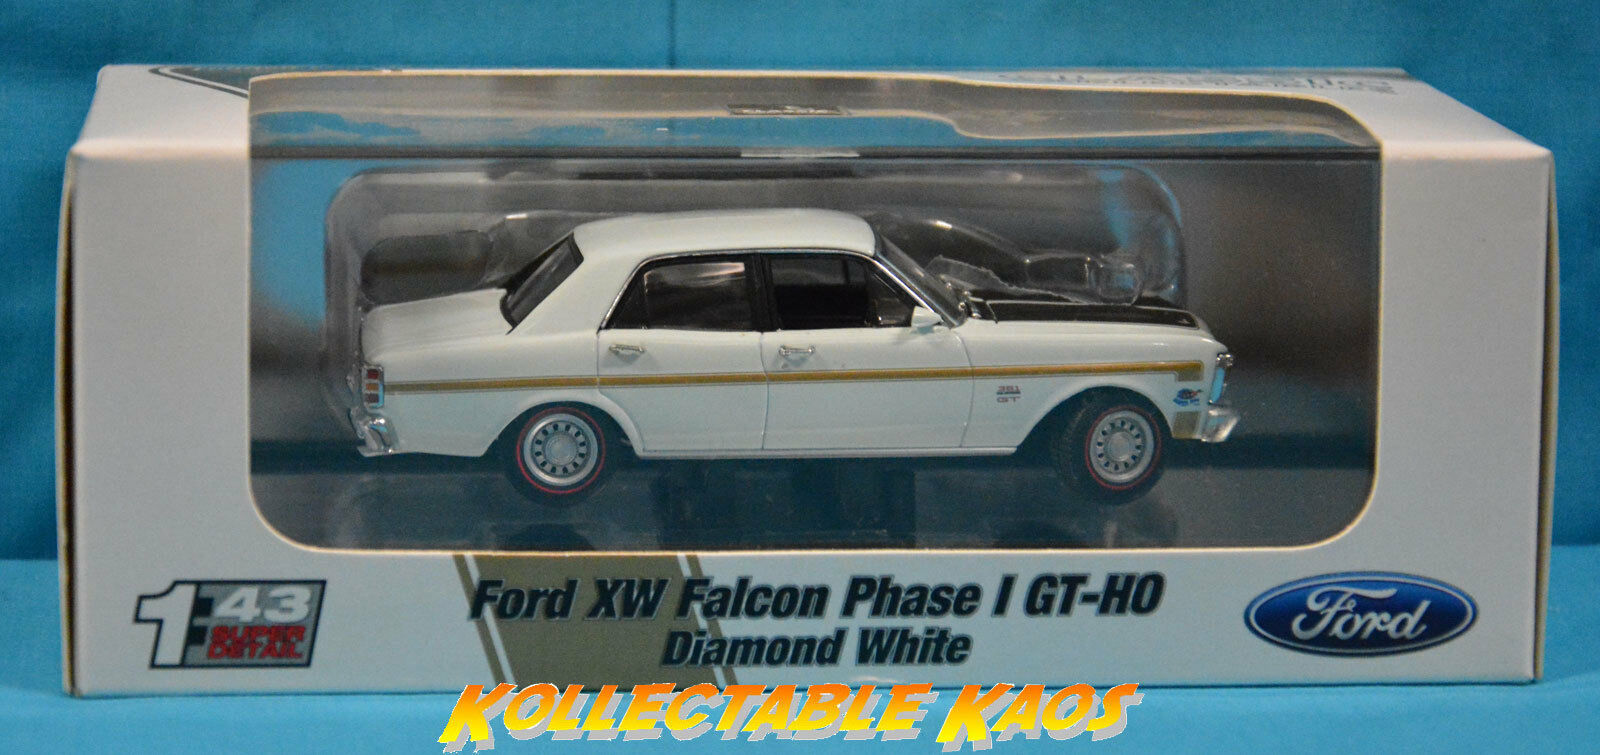 1 43 Classics - Ford Falcon XW Phase I GT-HO Diamond blanc